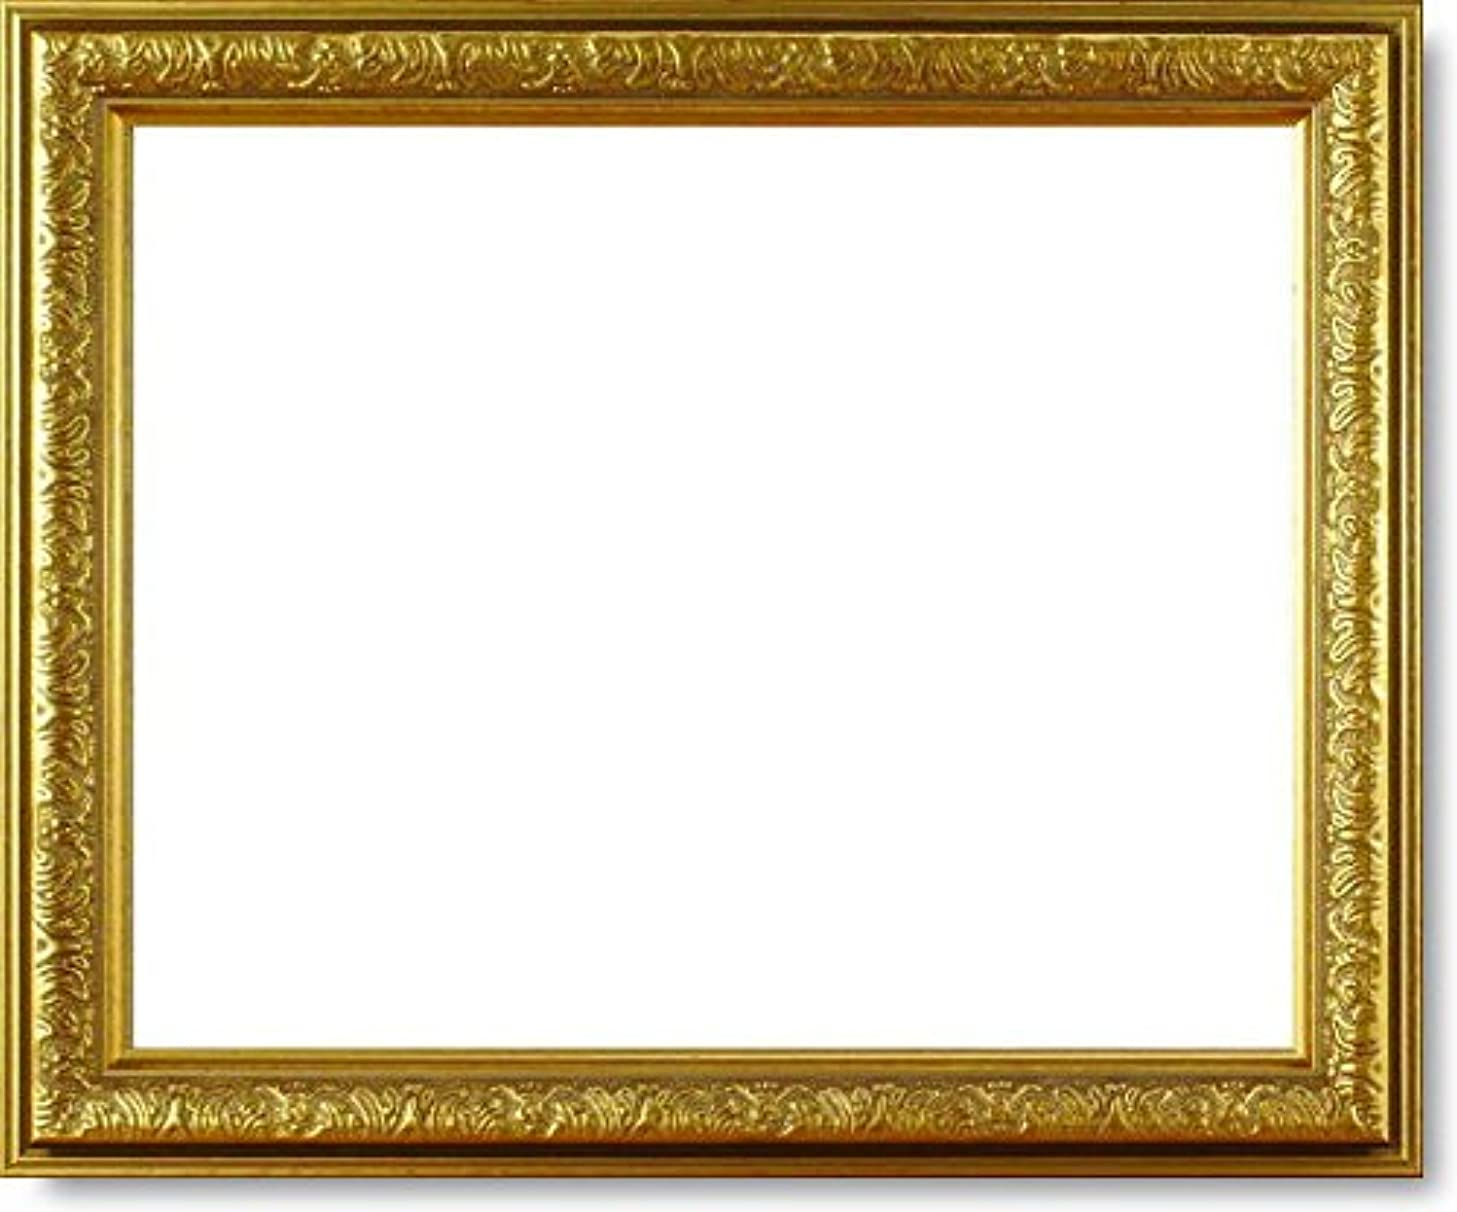 服を洗う繁栄するマントデッサン額縁 シャイン/ゴールド A3サイズ(420×297mm) ガラス 【シャイン/金/A3/ガ】【bt-st】